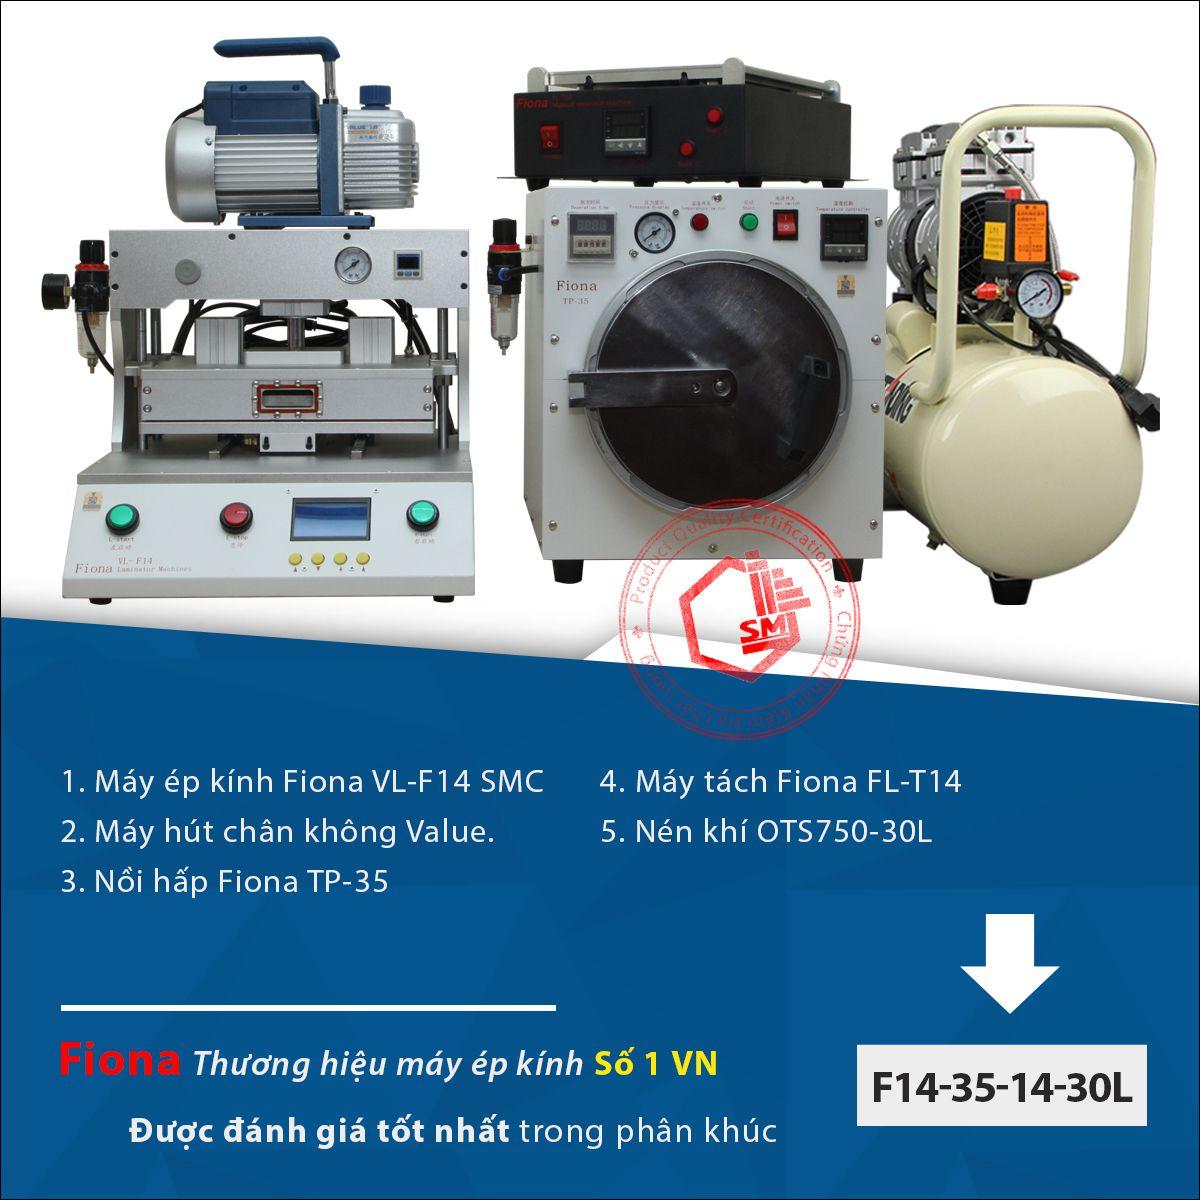 Bộ máy chuẩn của thương hiệu Fiona. Chất lượng tuyết vời khi được phối ghép cùng Máy tách kính Fiona T14 hệ Solid